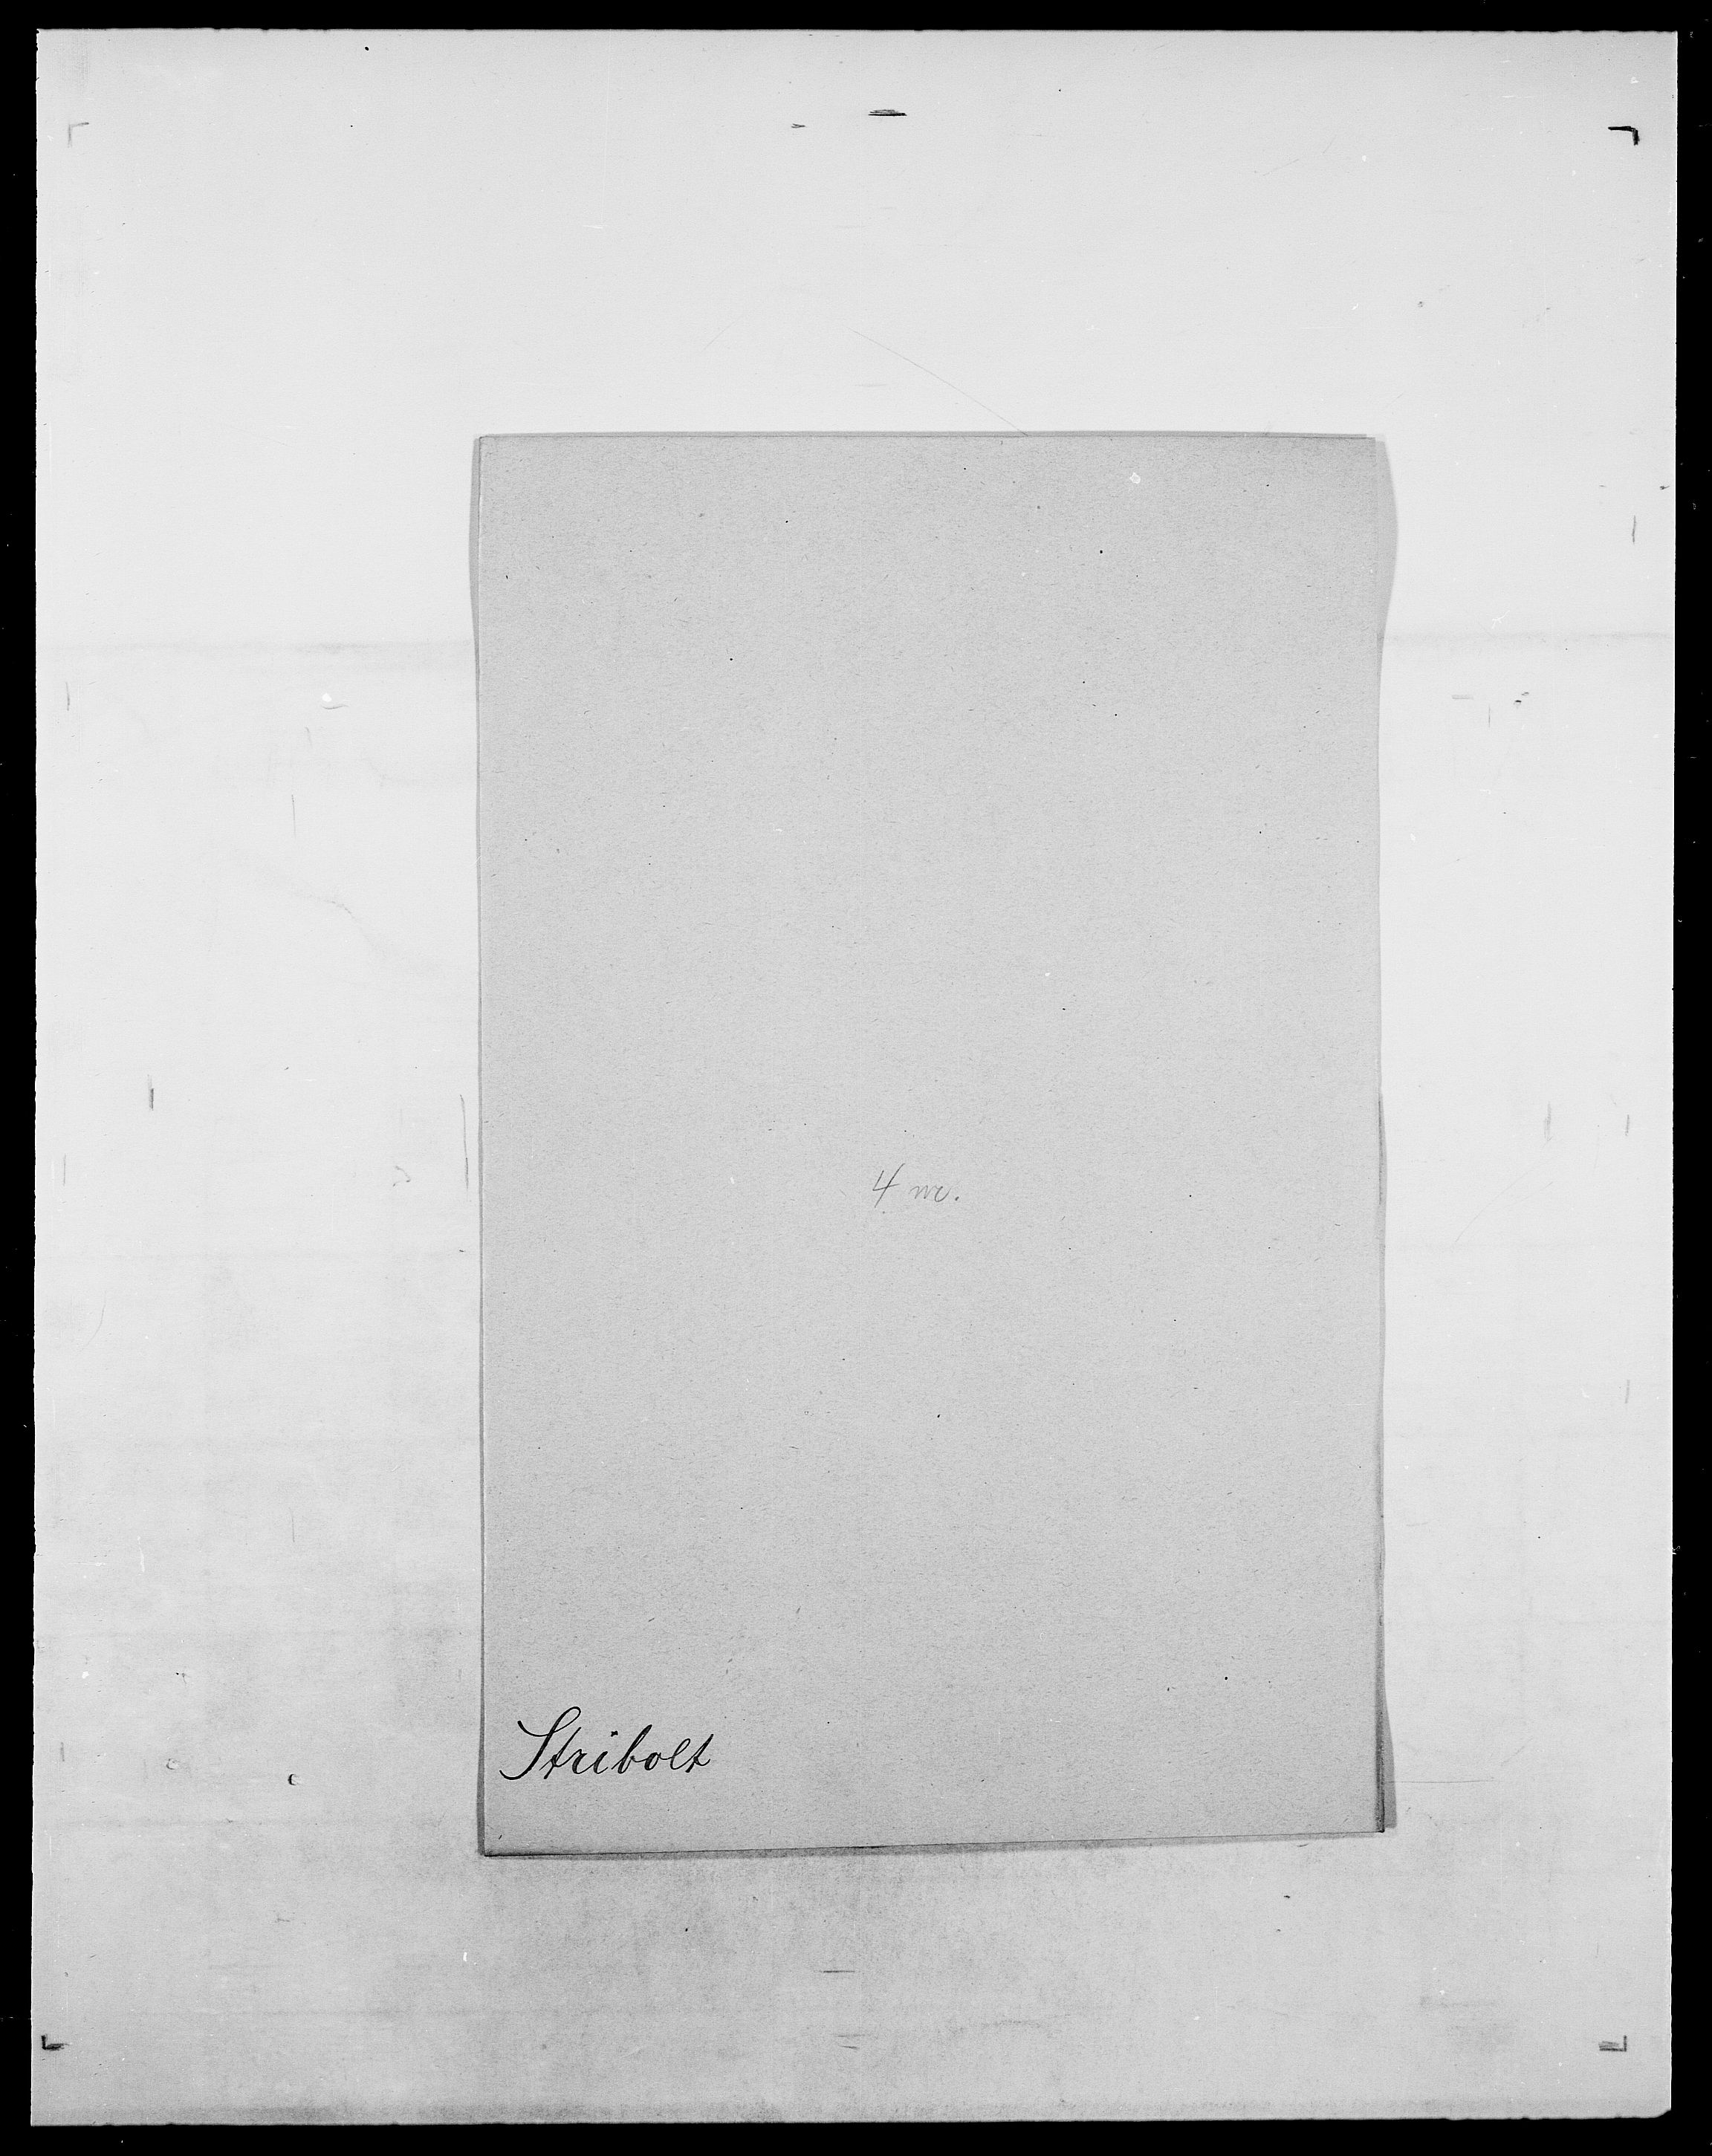 SAO, Delgobe, Charles Antoine - samling, D/Da/L0037: Steen, Sthen, Stein - Svare, Svanige, Svanne, se også Svanning og Schwane, s. 601